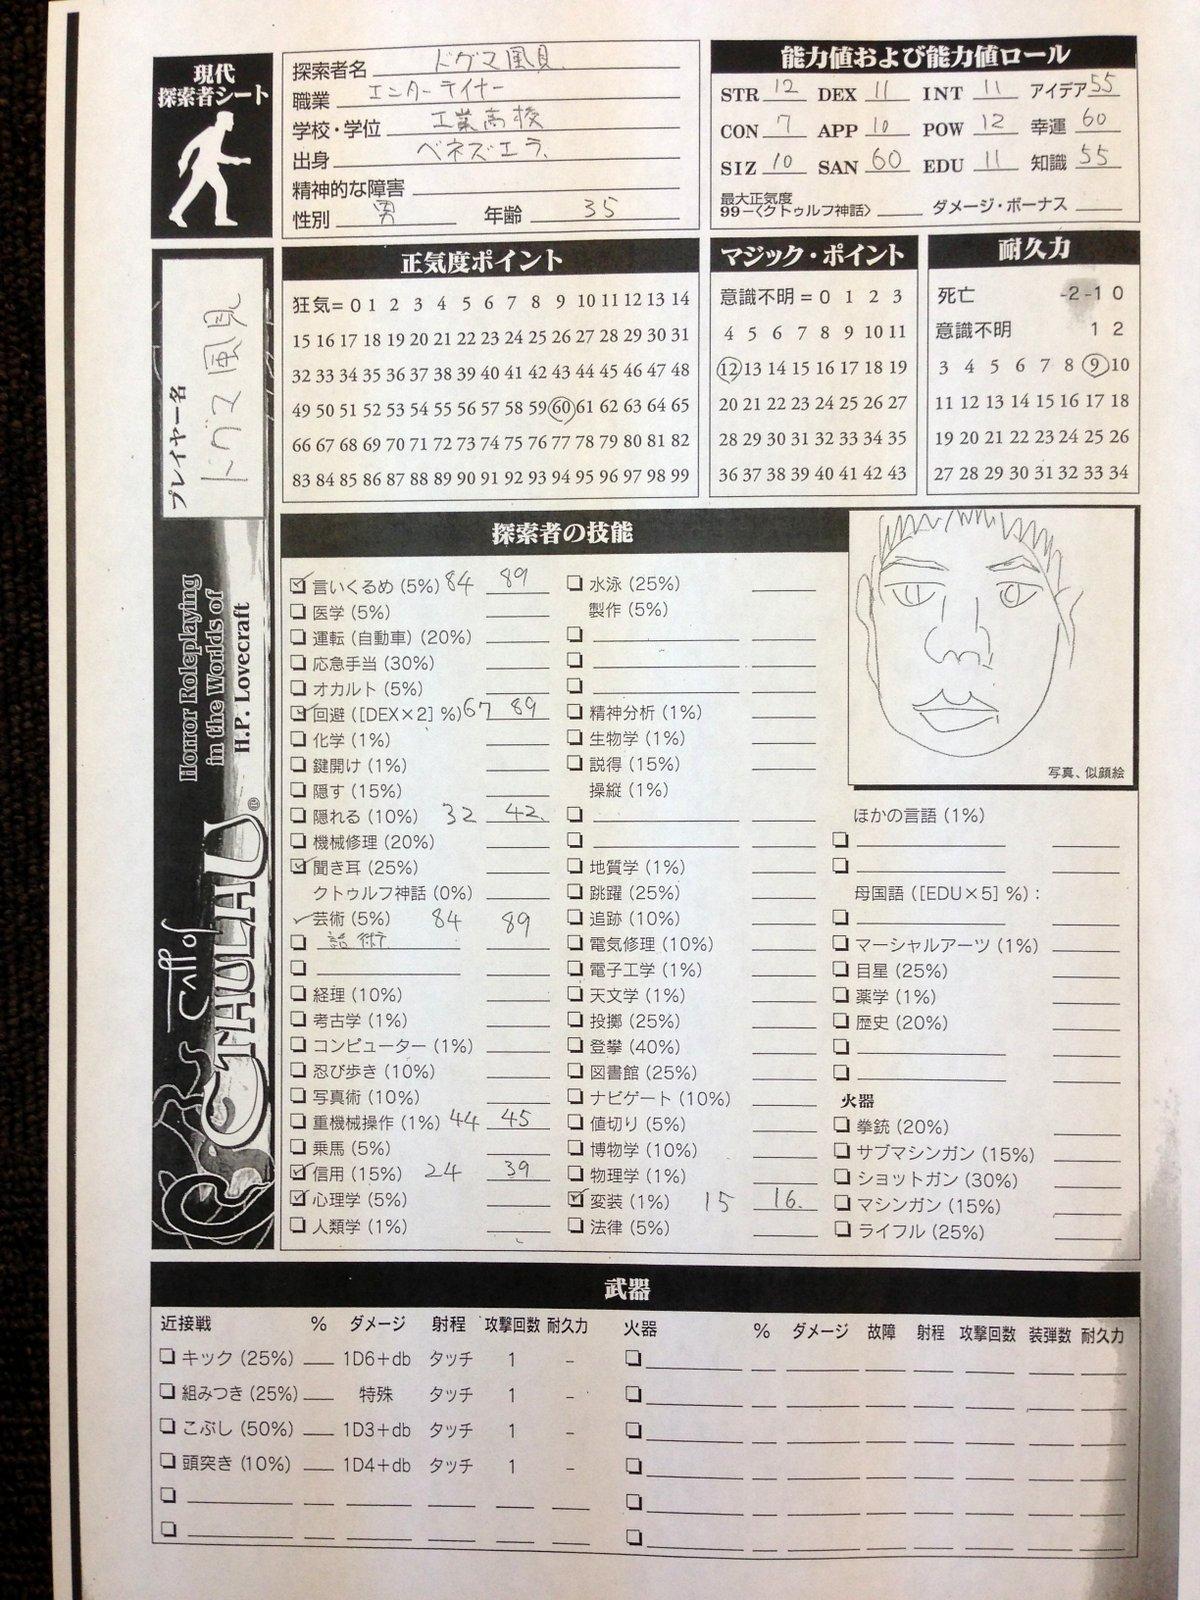 印刷 html pdf 印刷 : クトゥルフ神話TRPG キャラクターシート‐ニコニコ ...